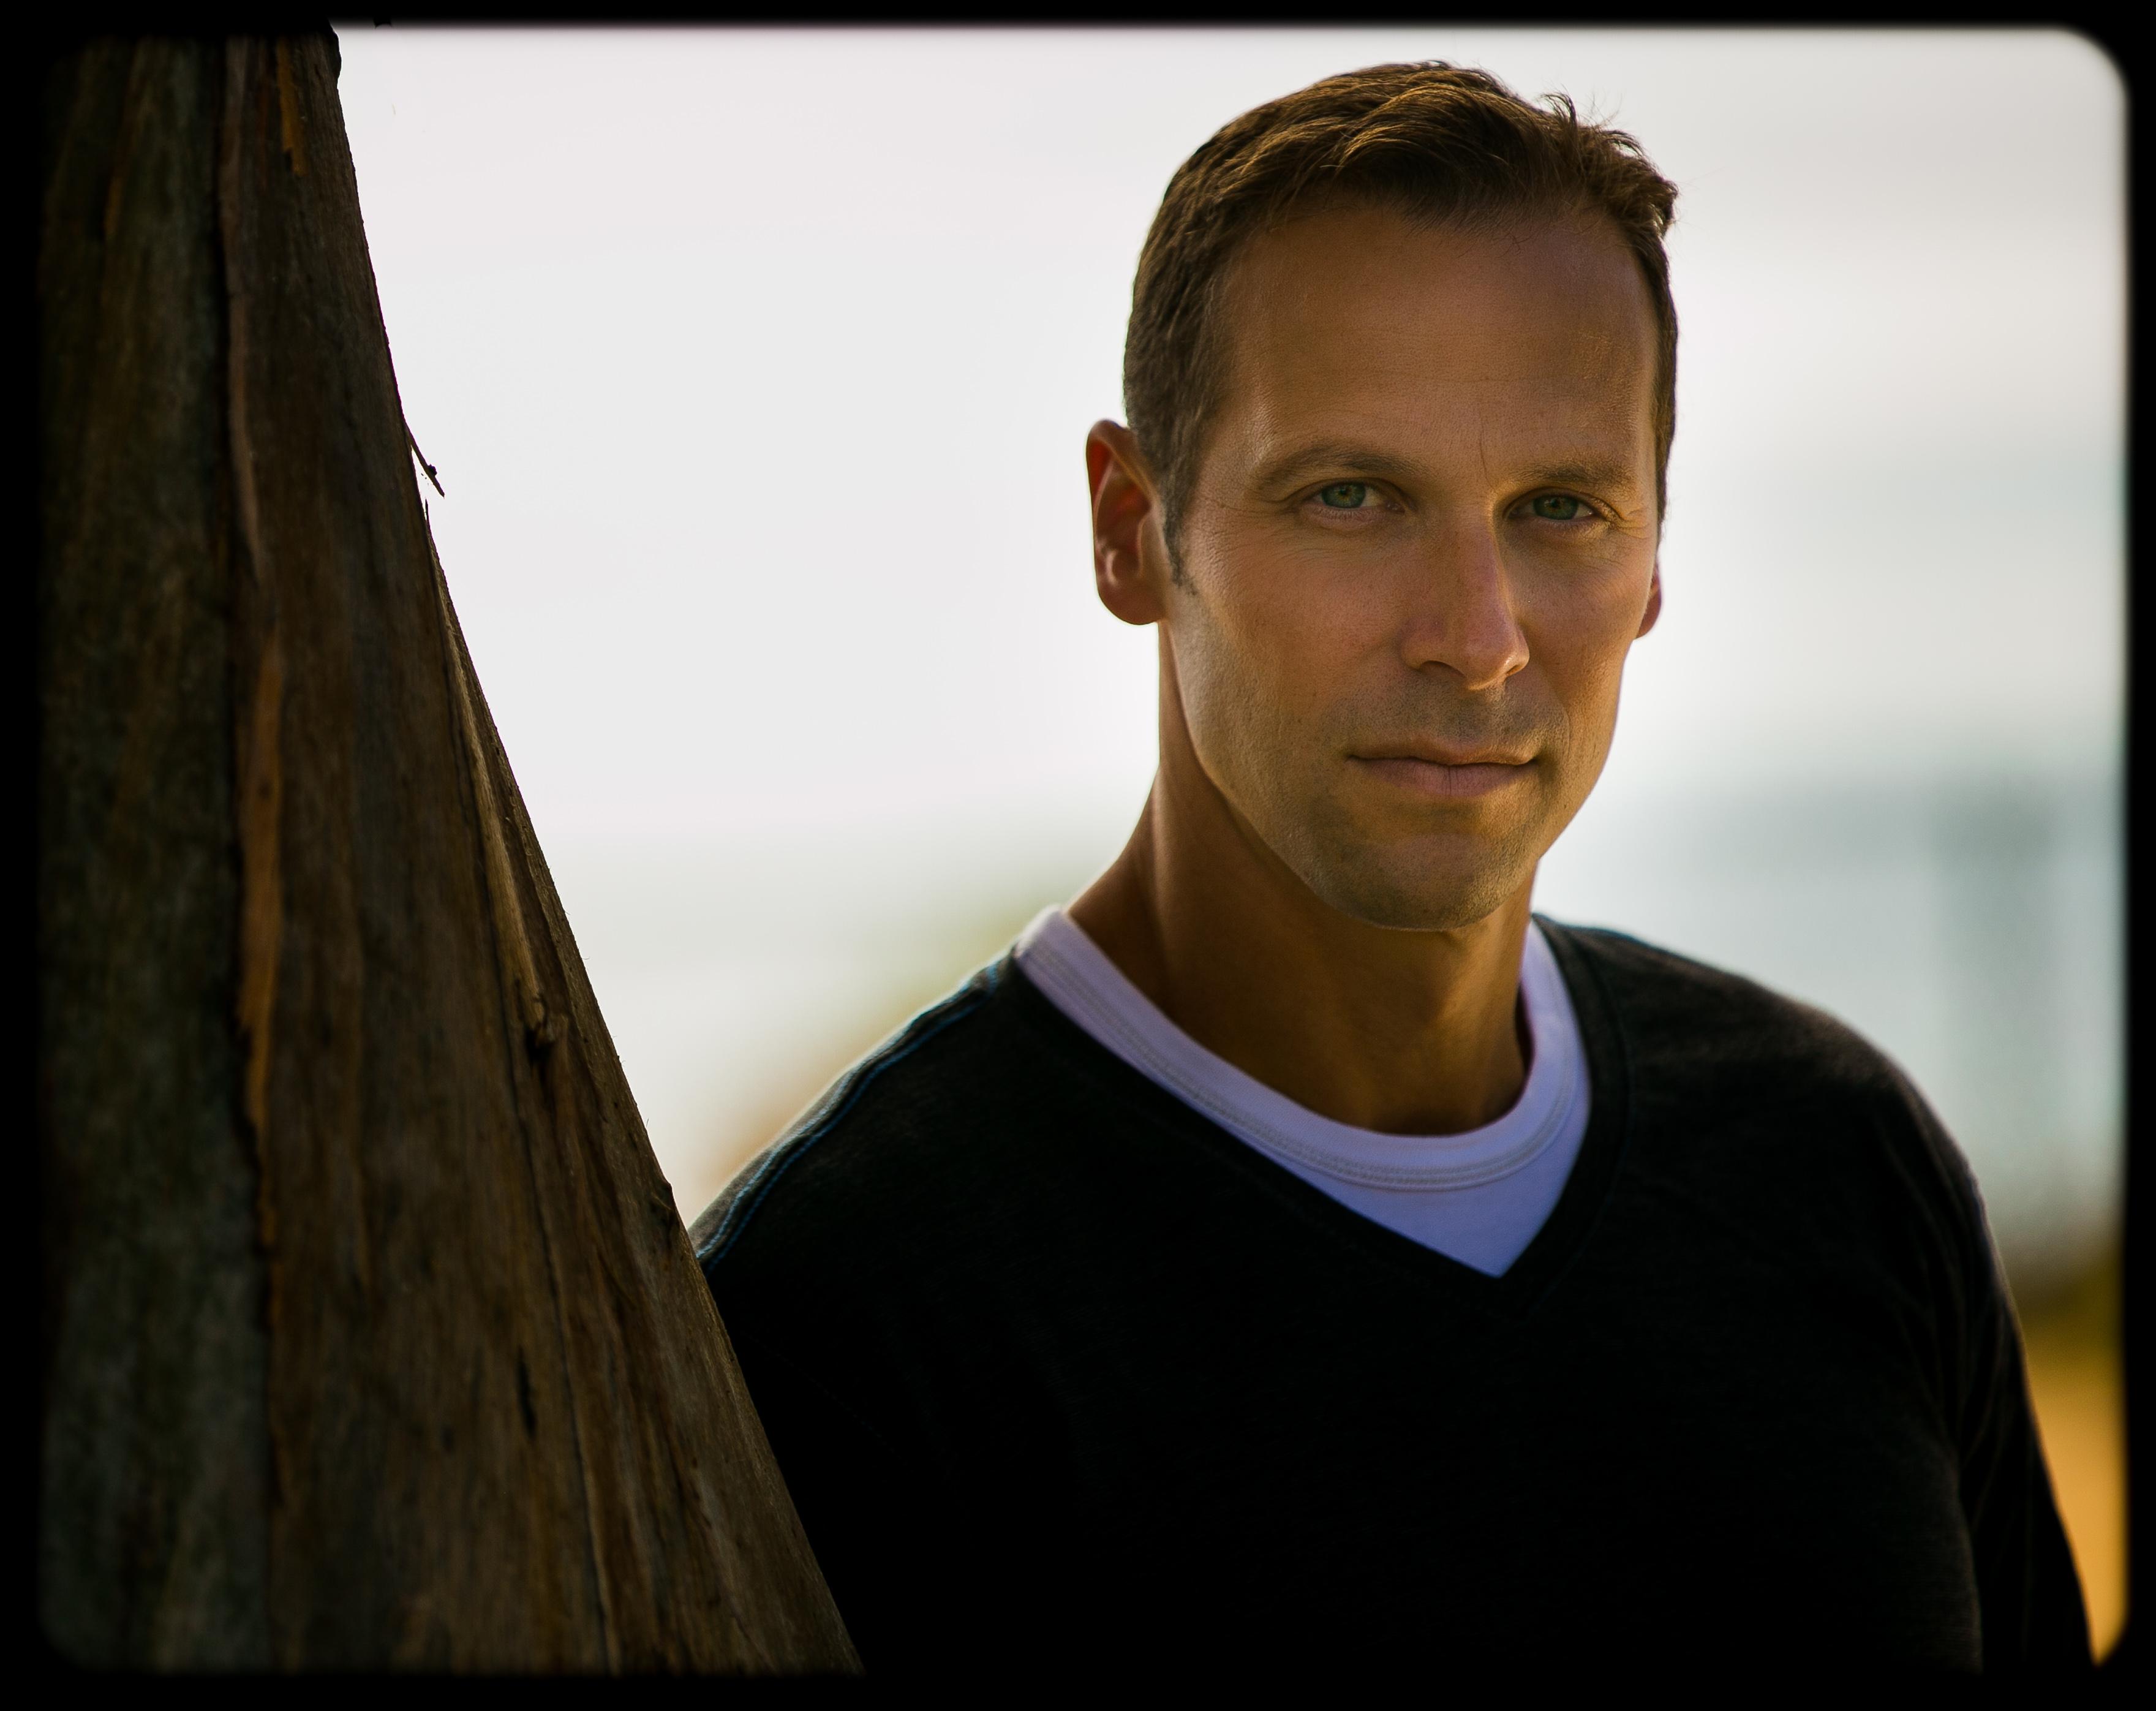 Gregg Hurwitz interview: Renaissance man